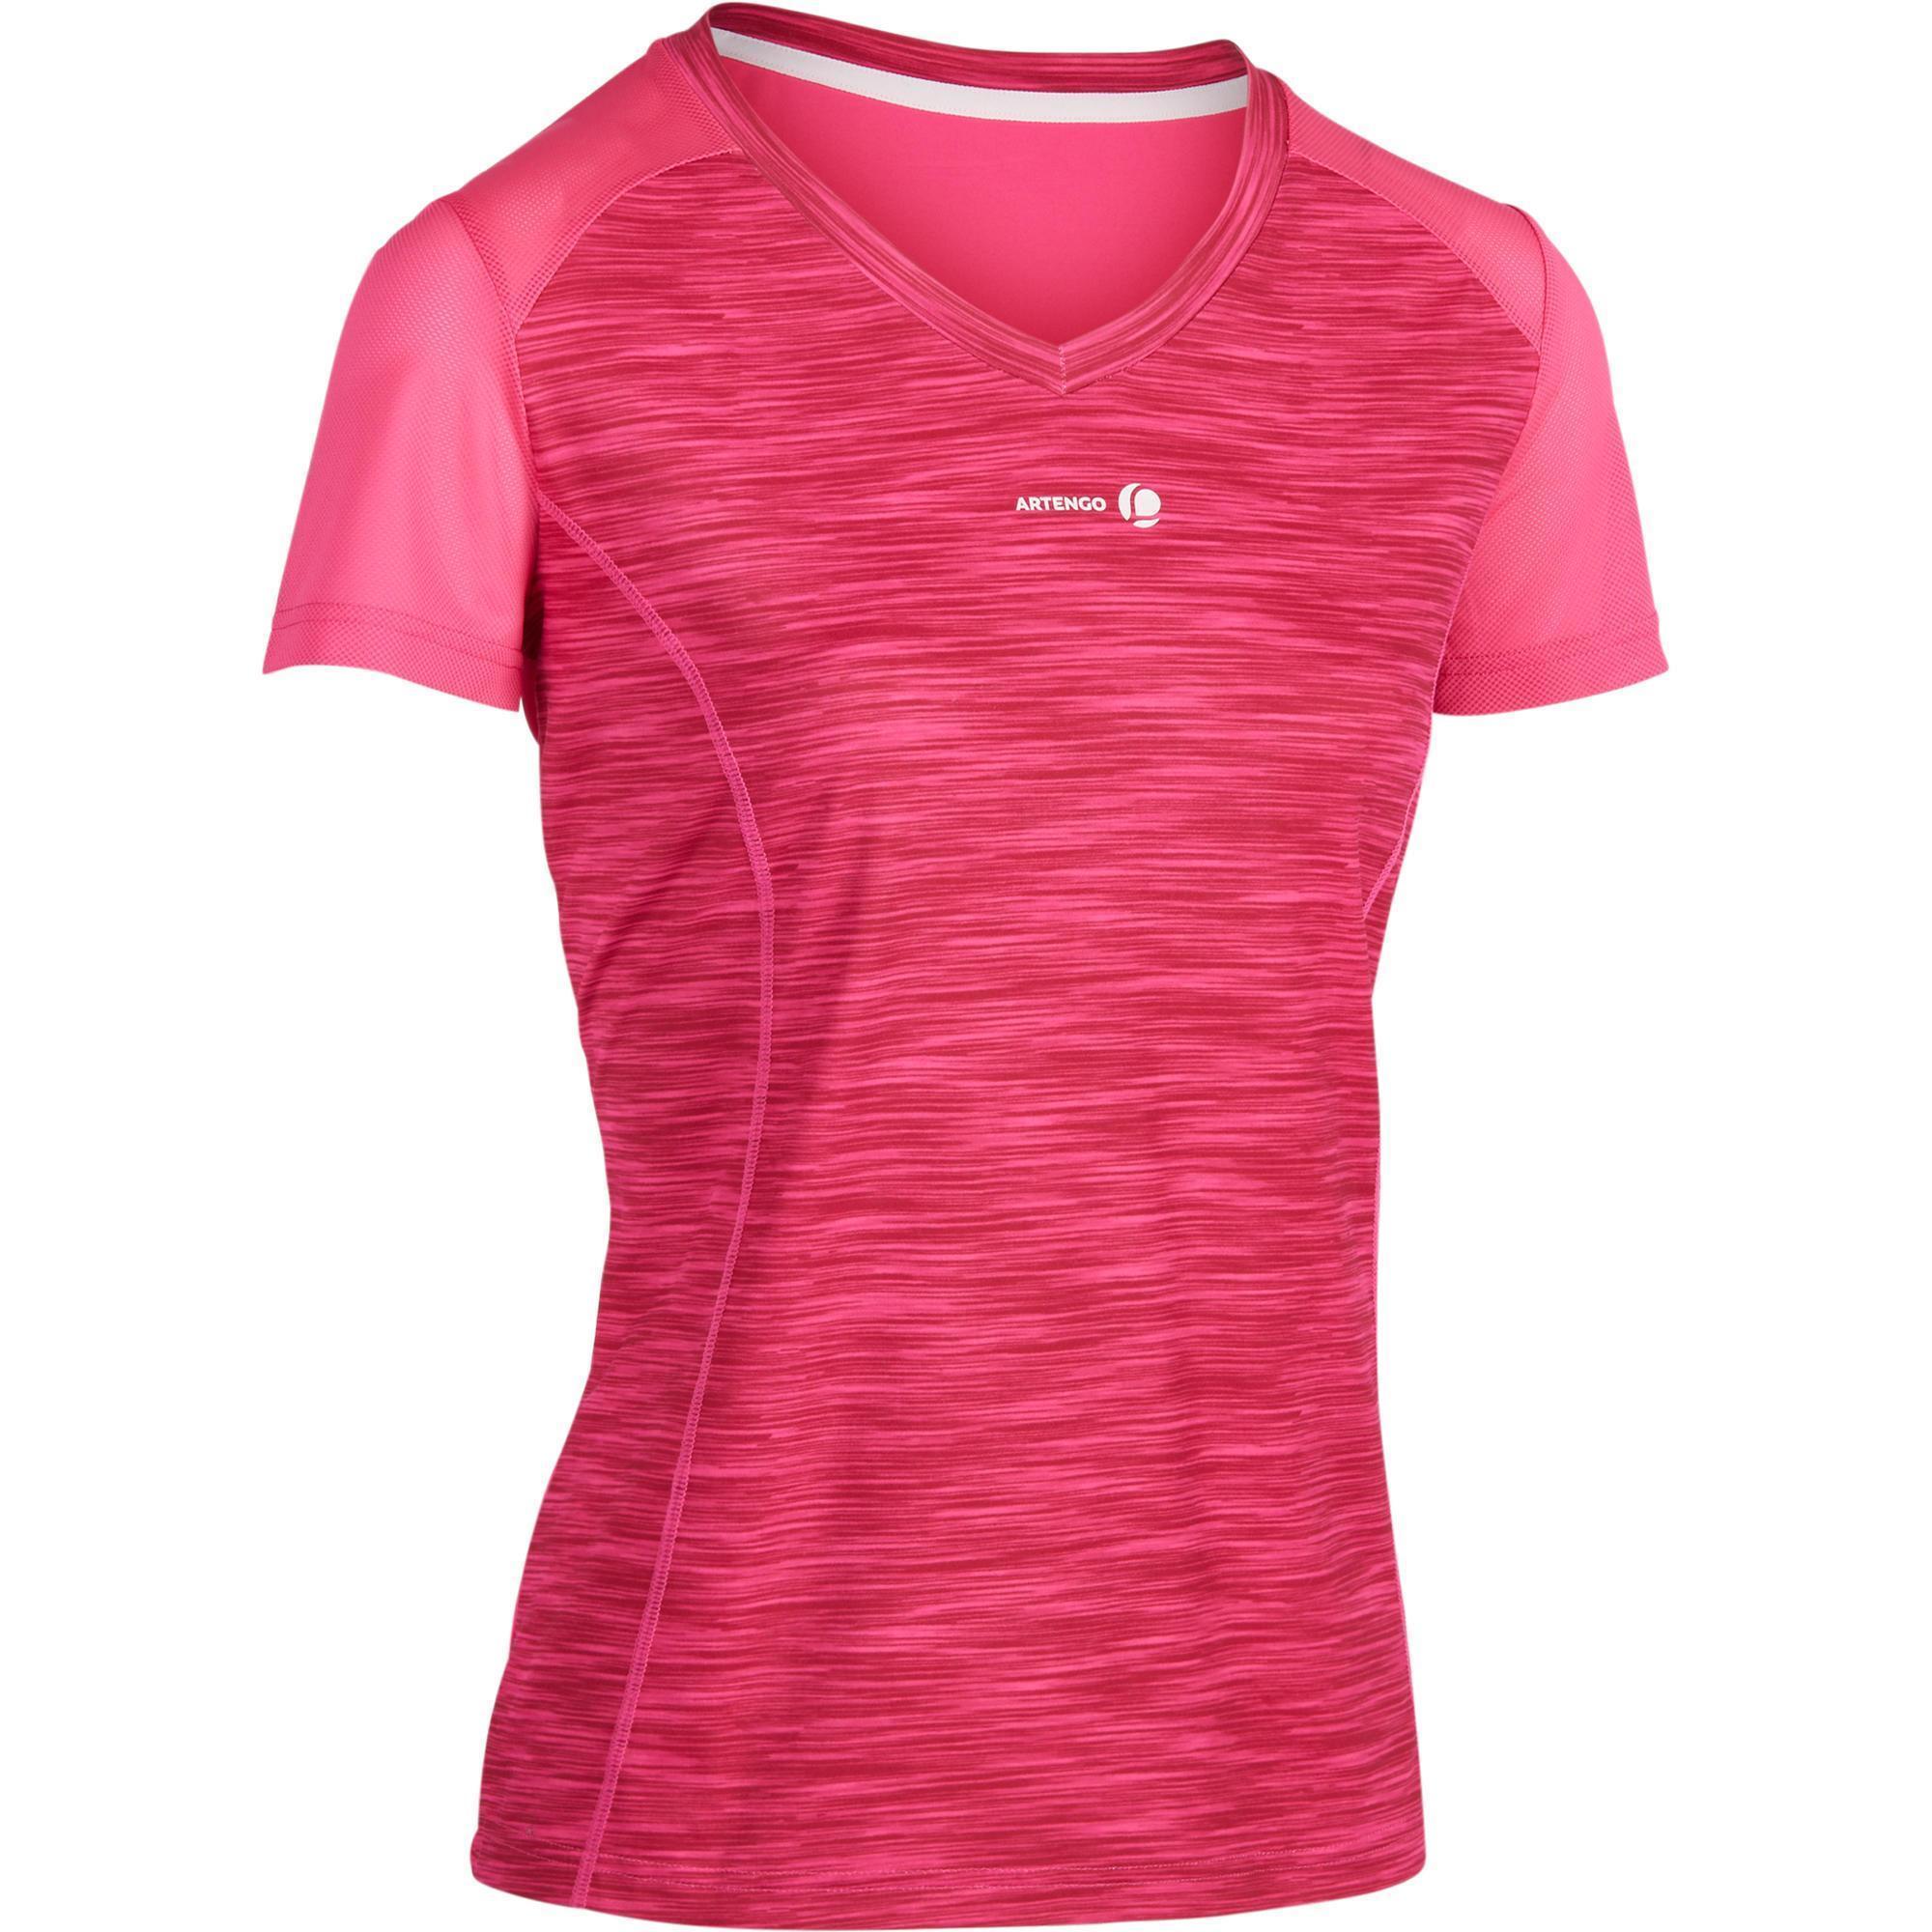 Soft 500 Women s Tennis T-Shirt - Mottled Pink  6e6e8a4a8